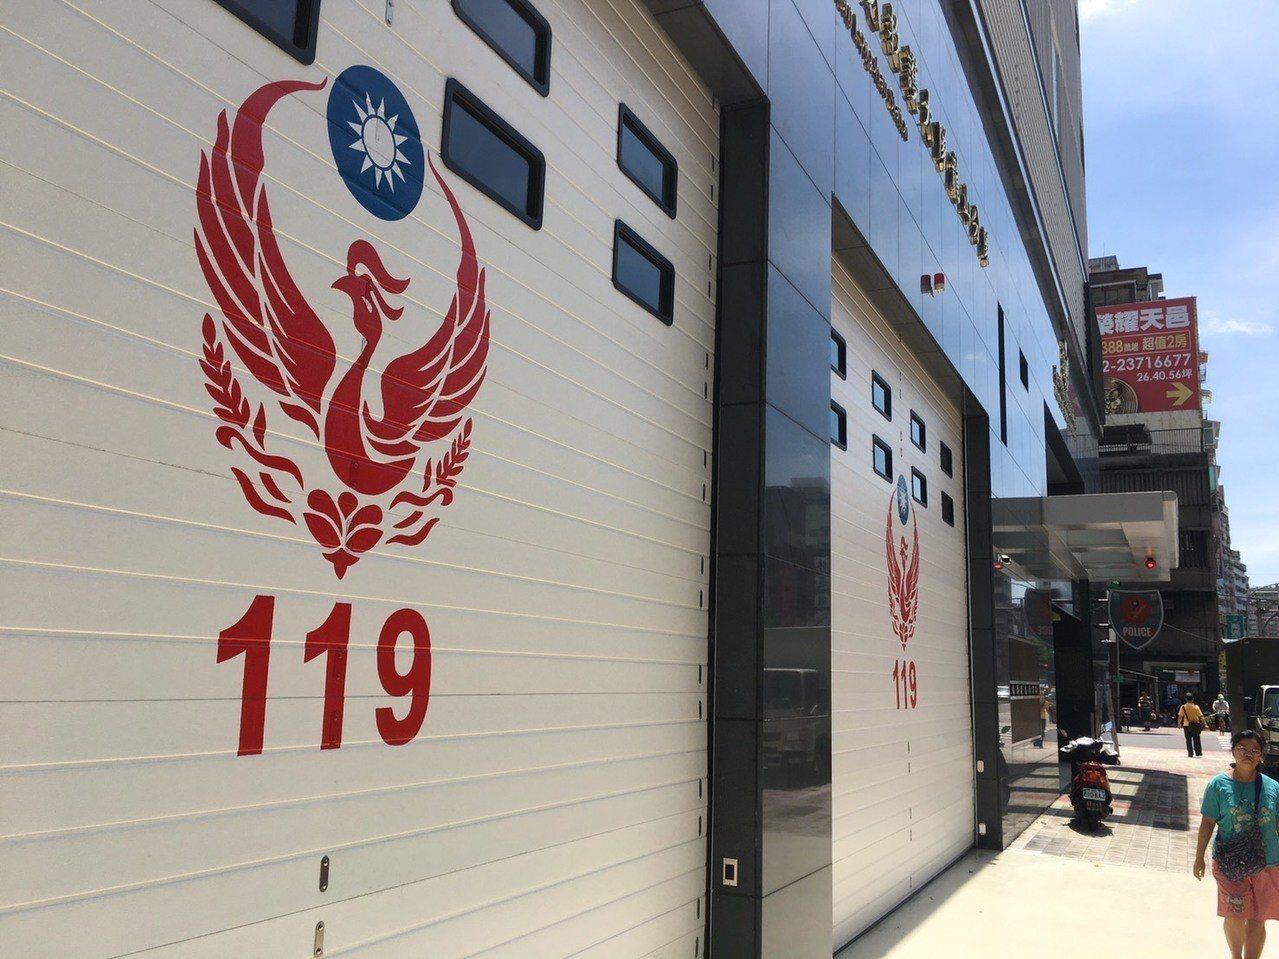 萬華警分局與消防局龍山分隊駐地為同棟大樓。記者李隆揆/攝影